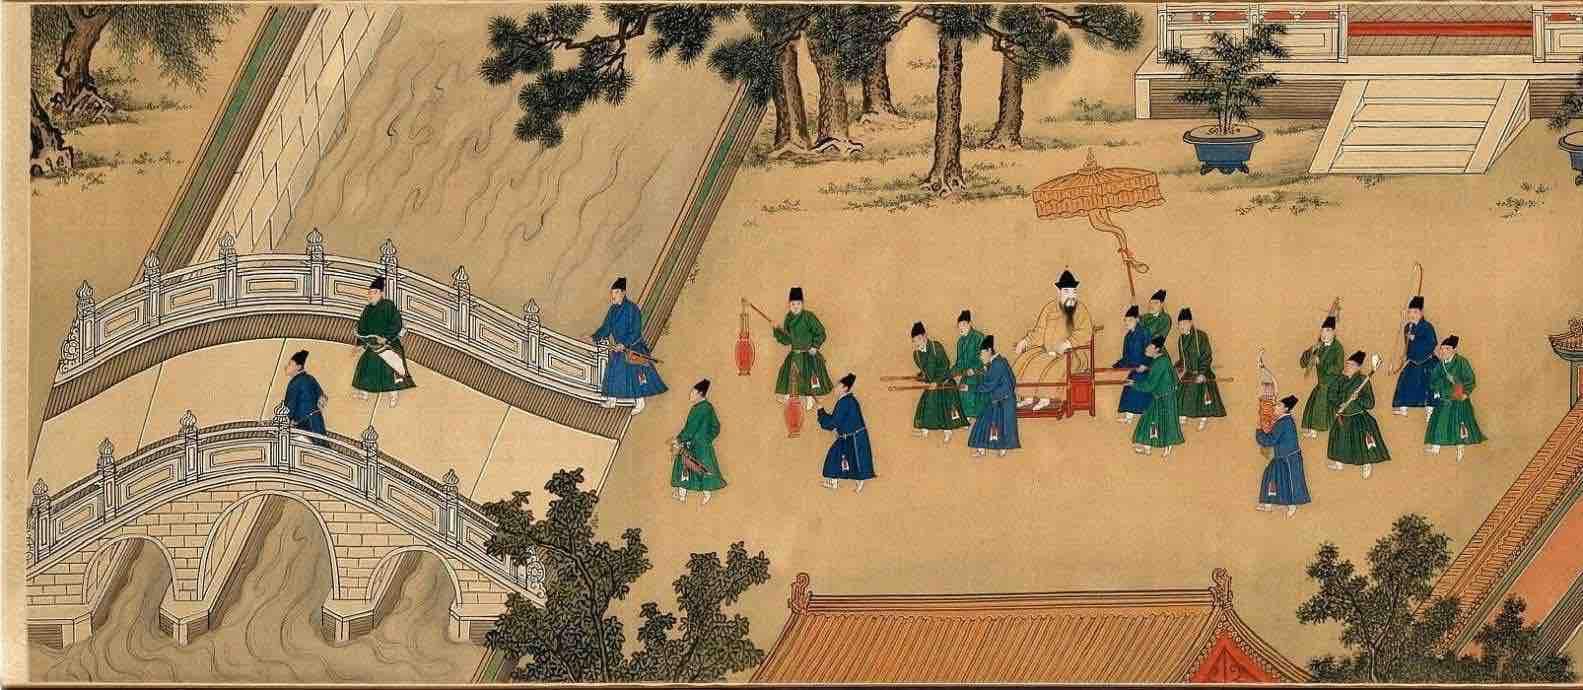 """Painting """"Zhu Zhanji Xing Le Tu"""" Presenting Emperor Zhu Zhanji's Entertainment Activities in the Royal Palace Part 1"""